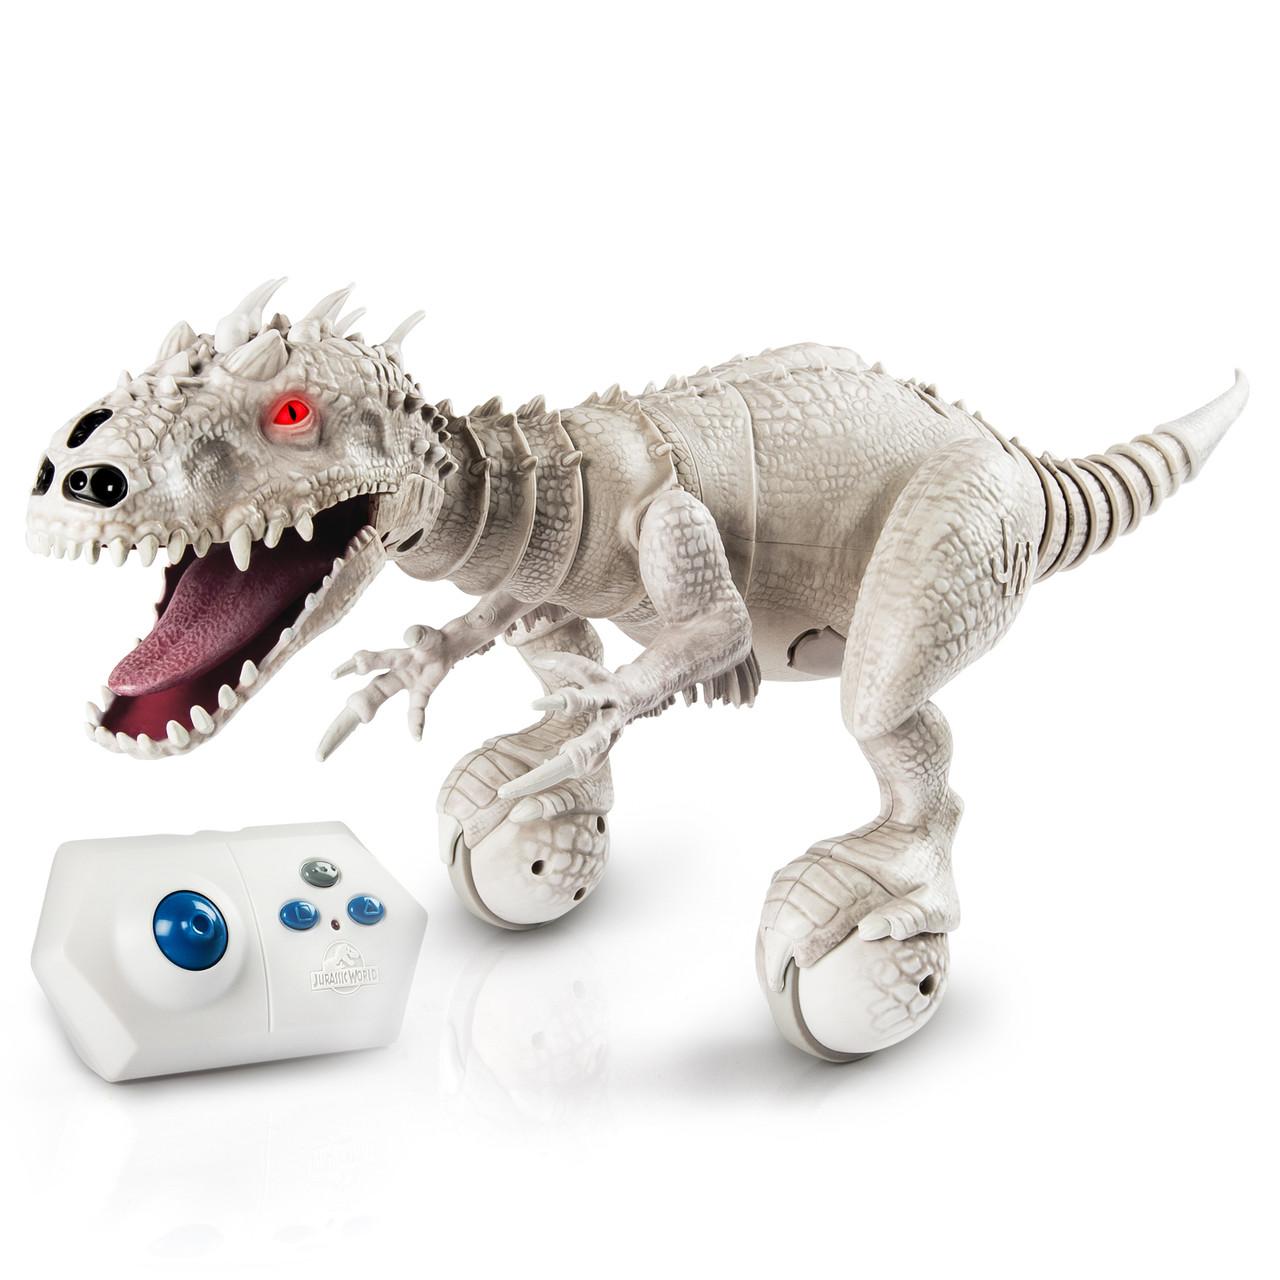 Dino Zoomer - Интерактивный робот-динозавр из Jurassic World